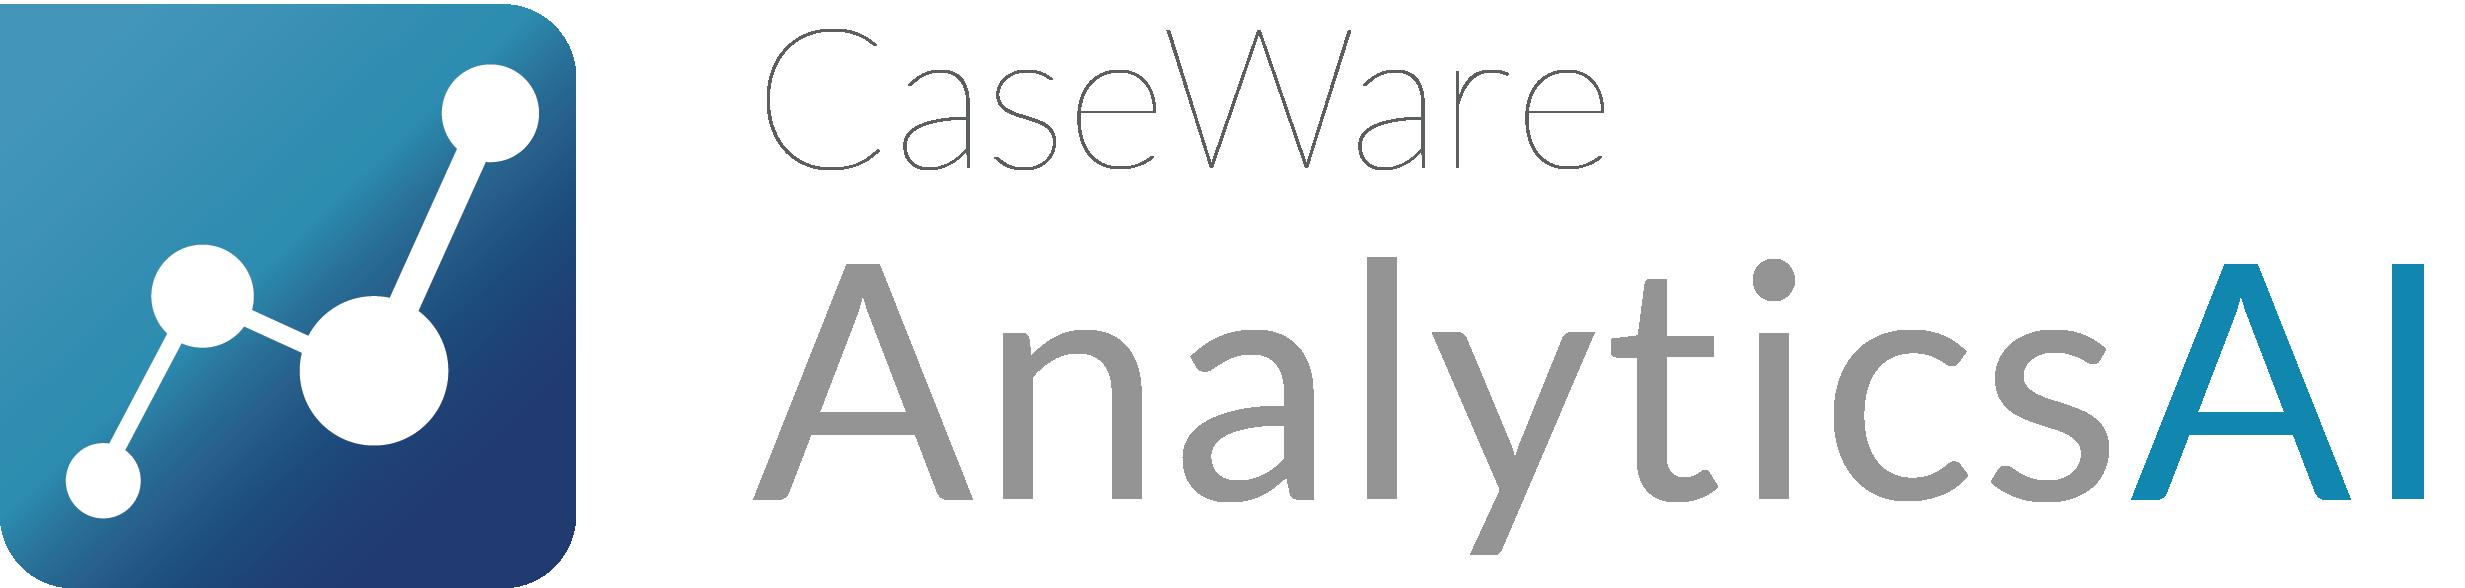 AnalyticsAI_LogoLockup